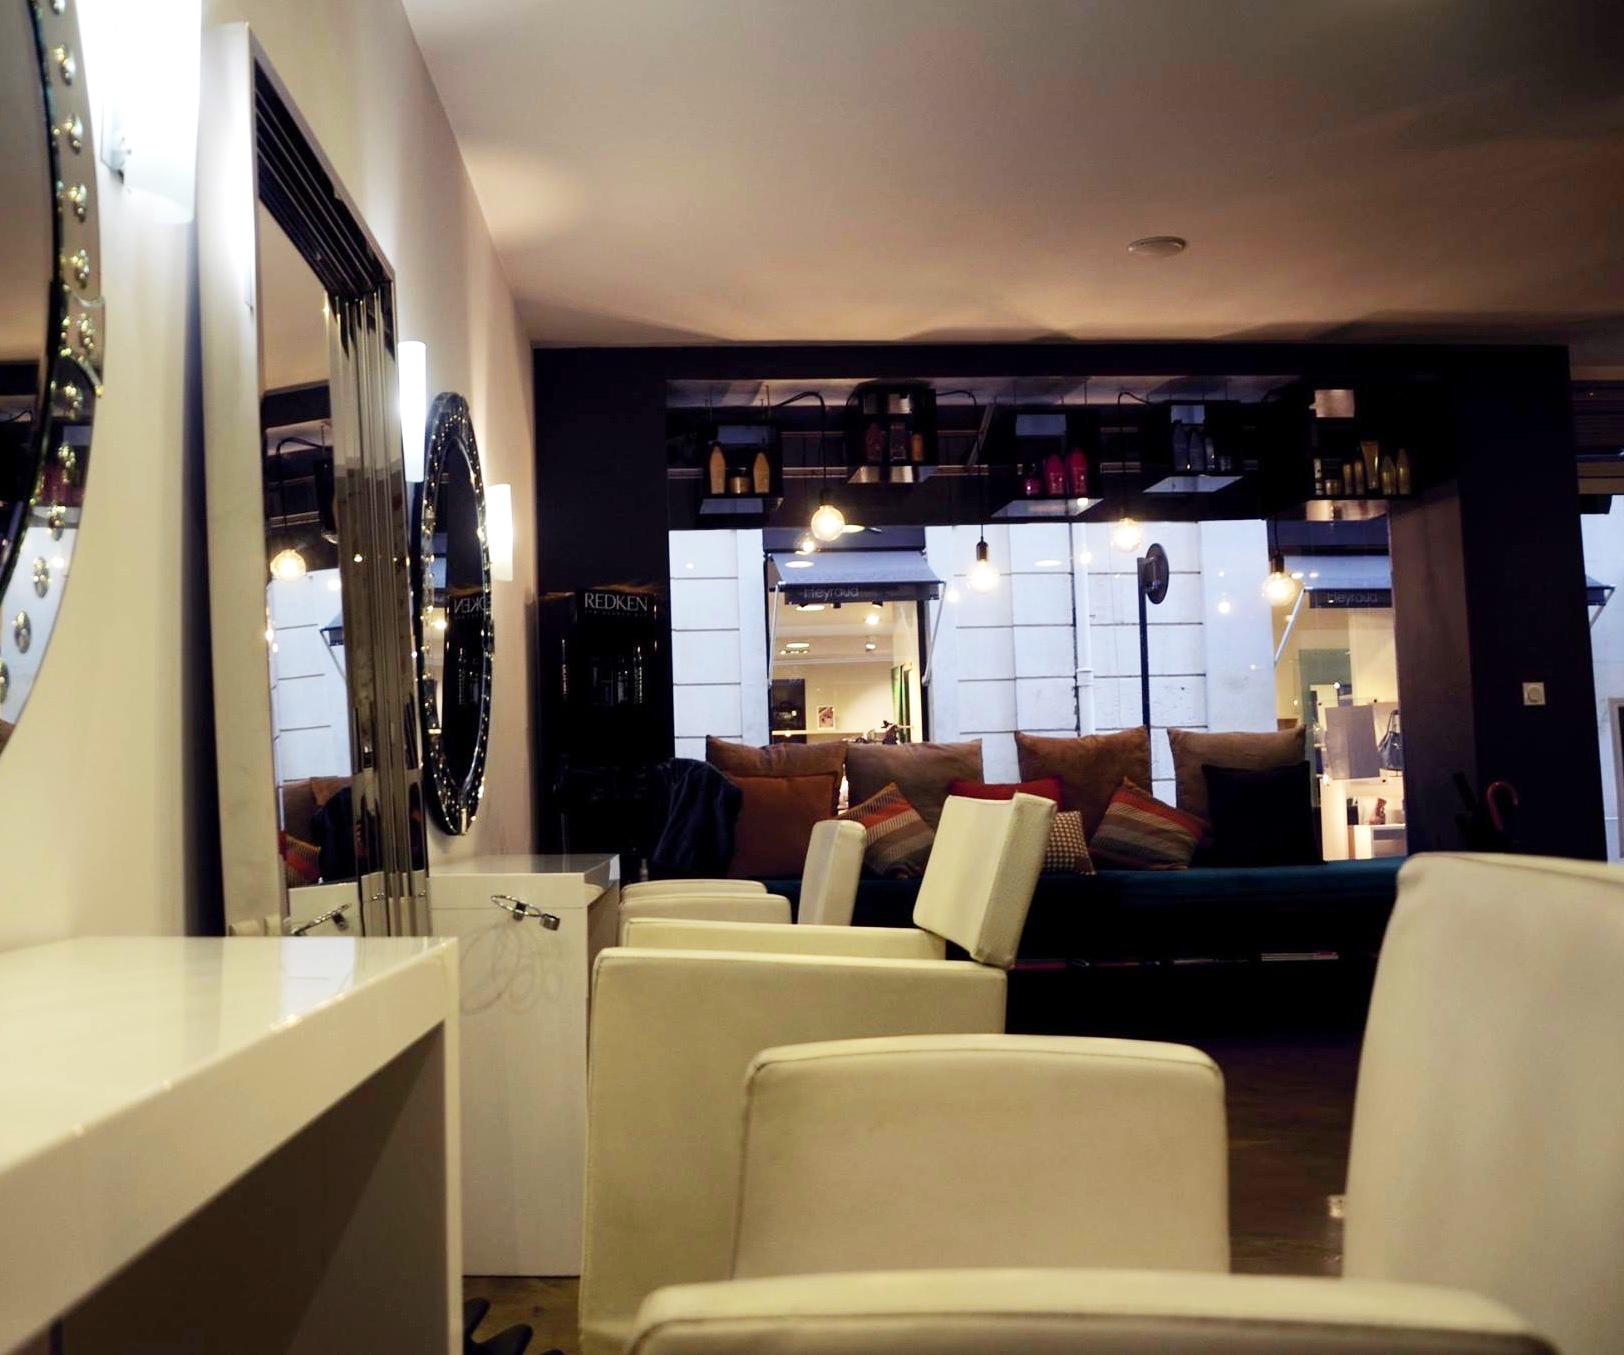 LM espace coiffure, salon de coiffure mixte à Nîmes